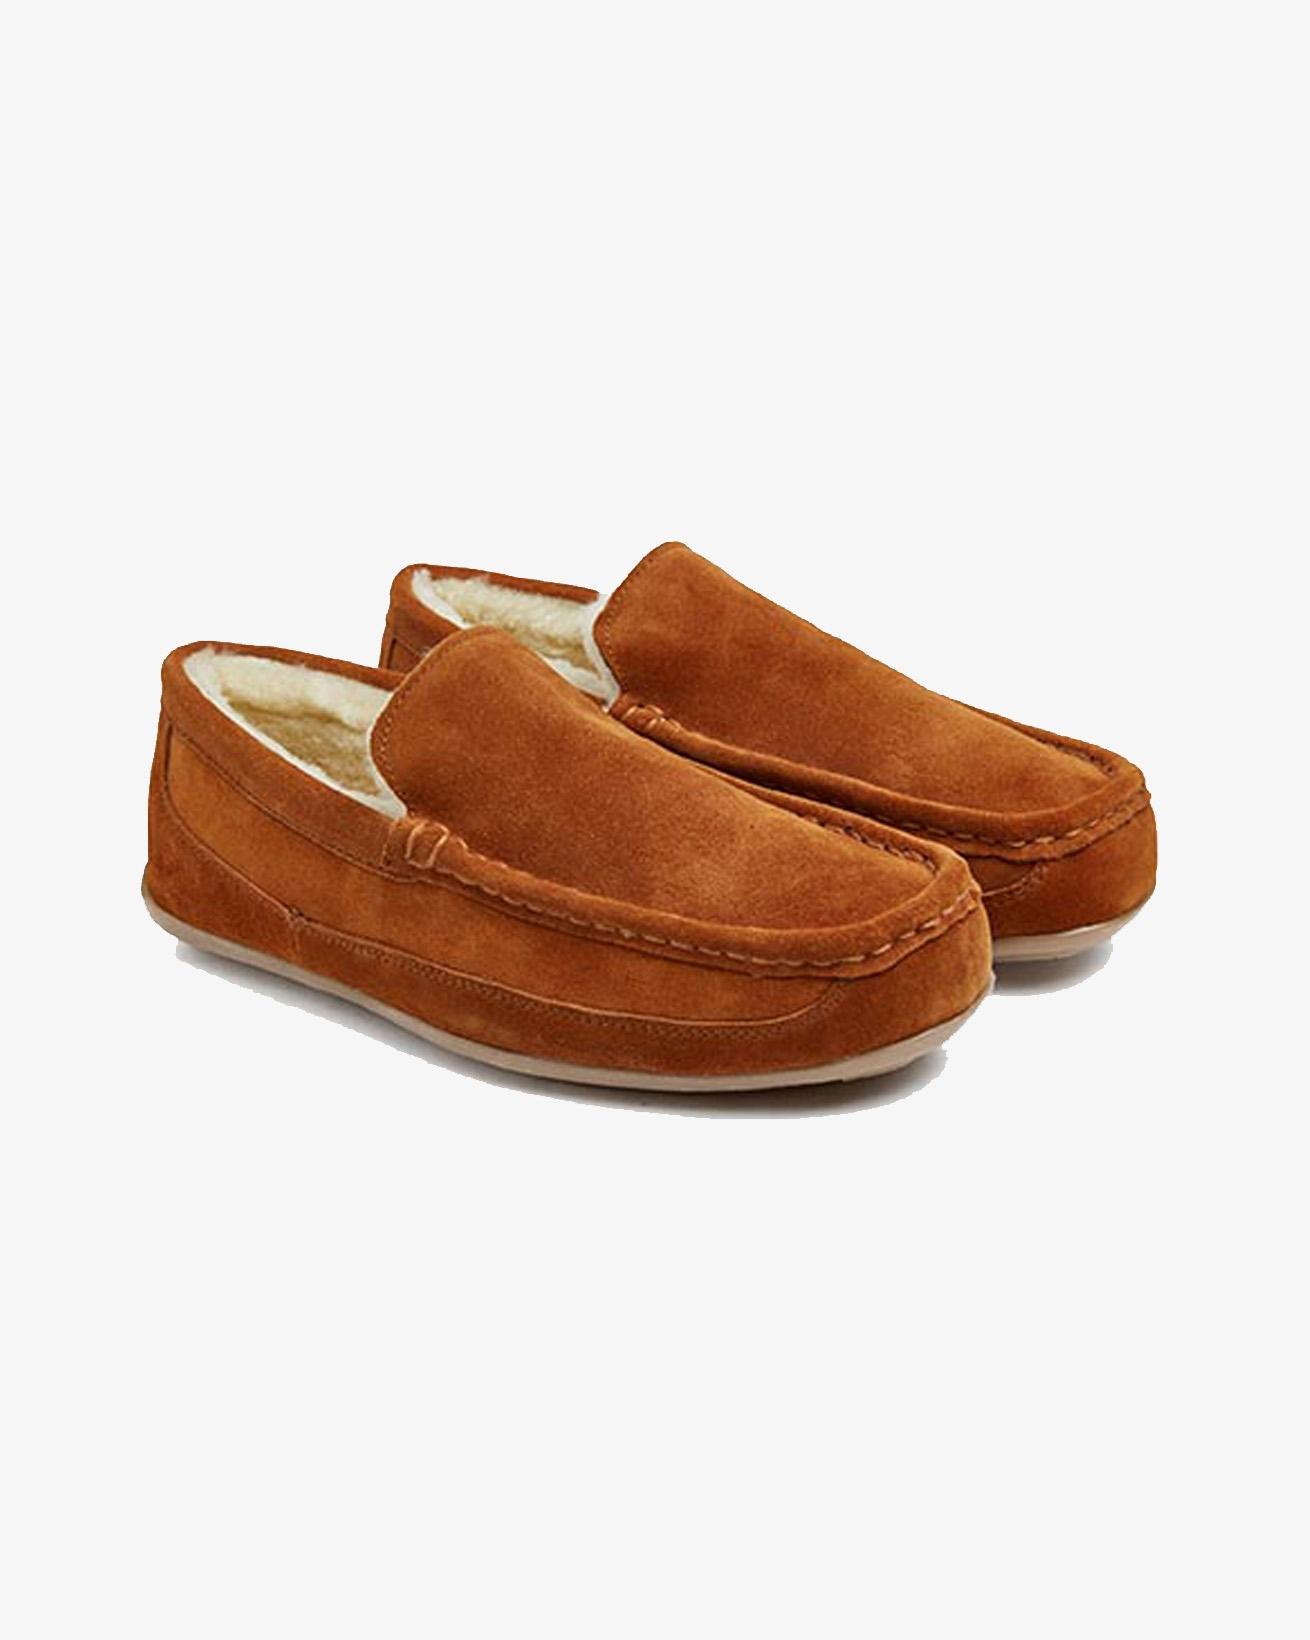 Mens Loafer Slipper - Size 8 - Chestnut